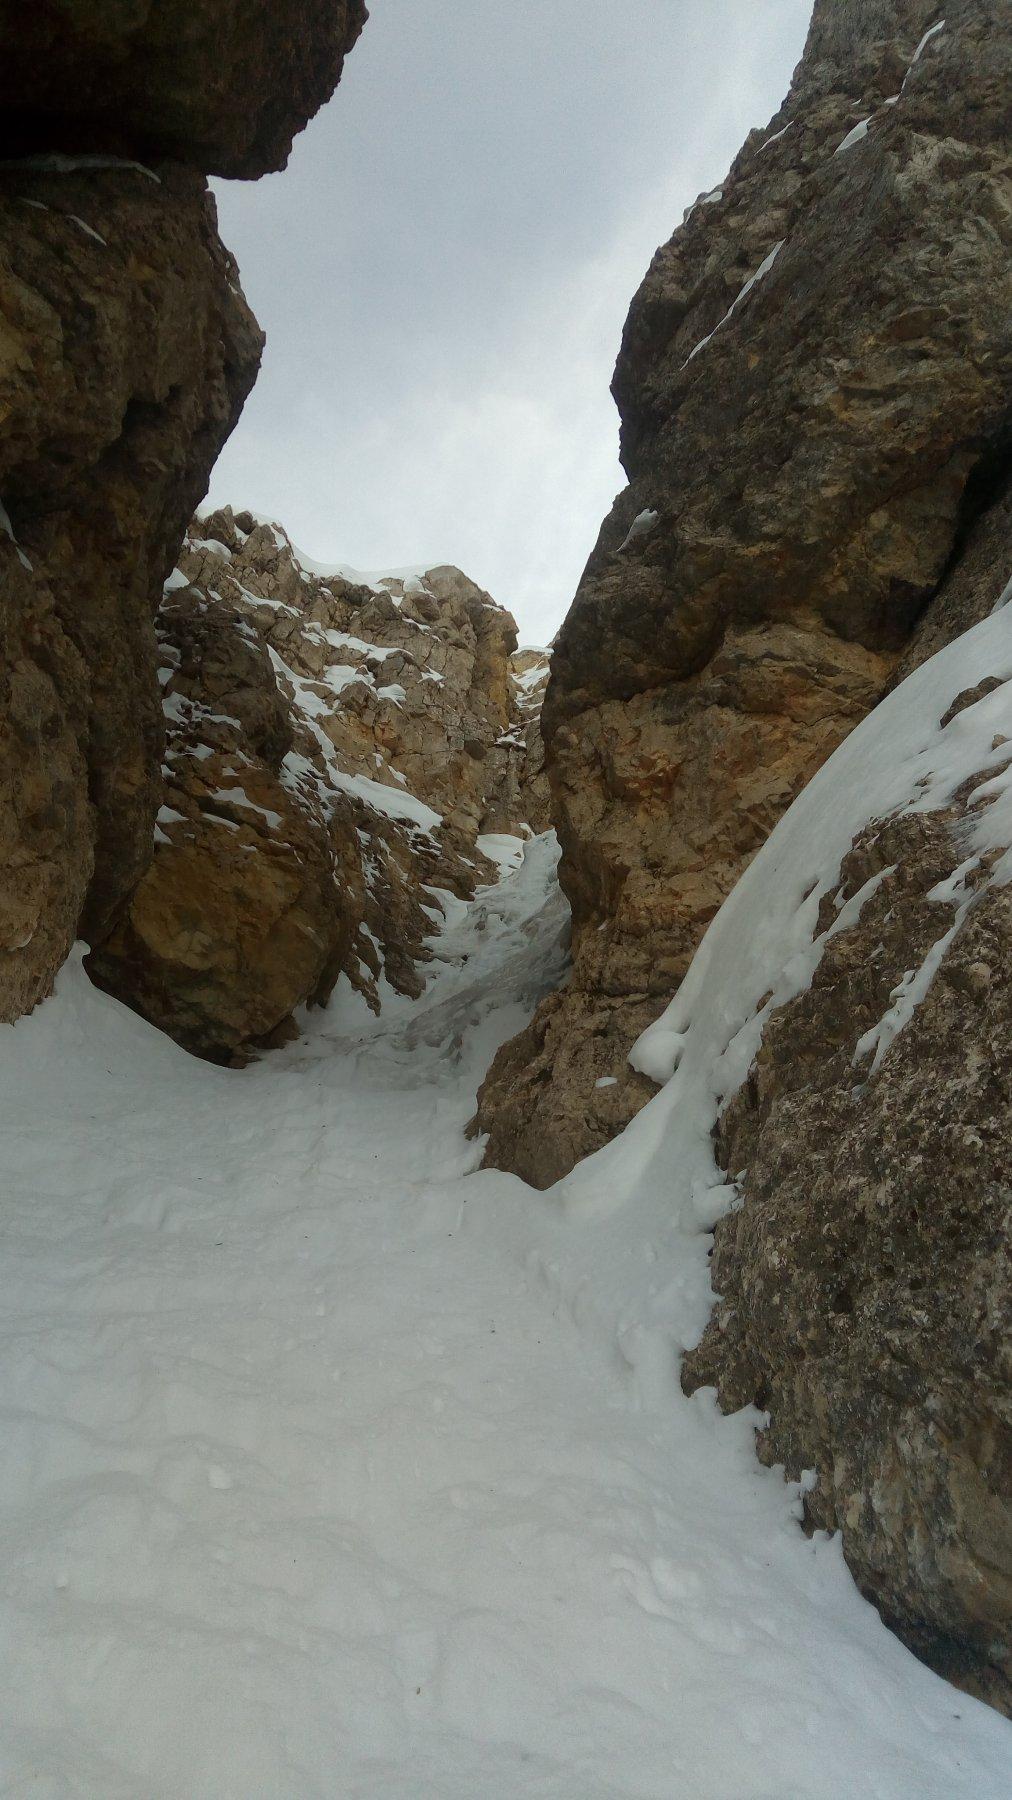 La strettoia-goulotte nascosta dietro le rocce, oltre la selletta nevosa al termine della rampa